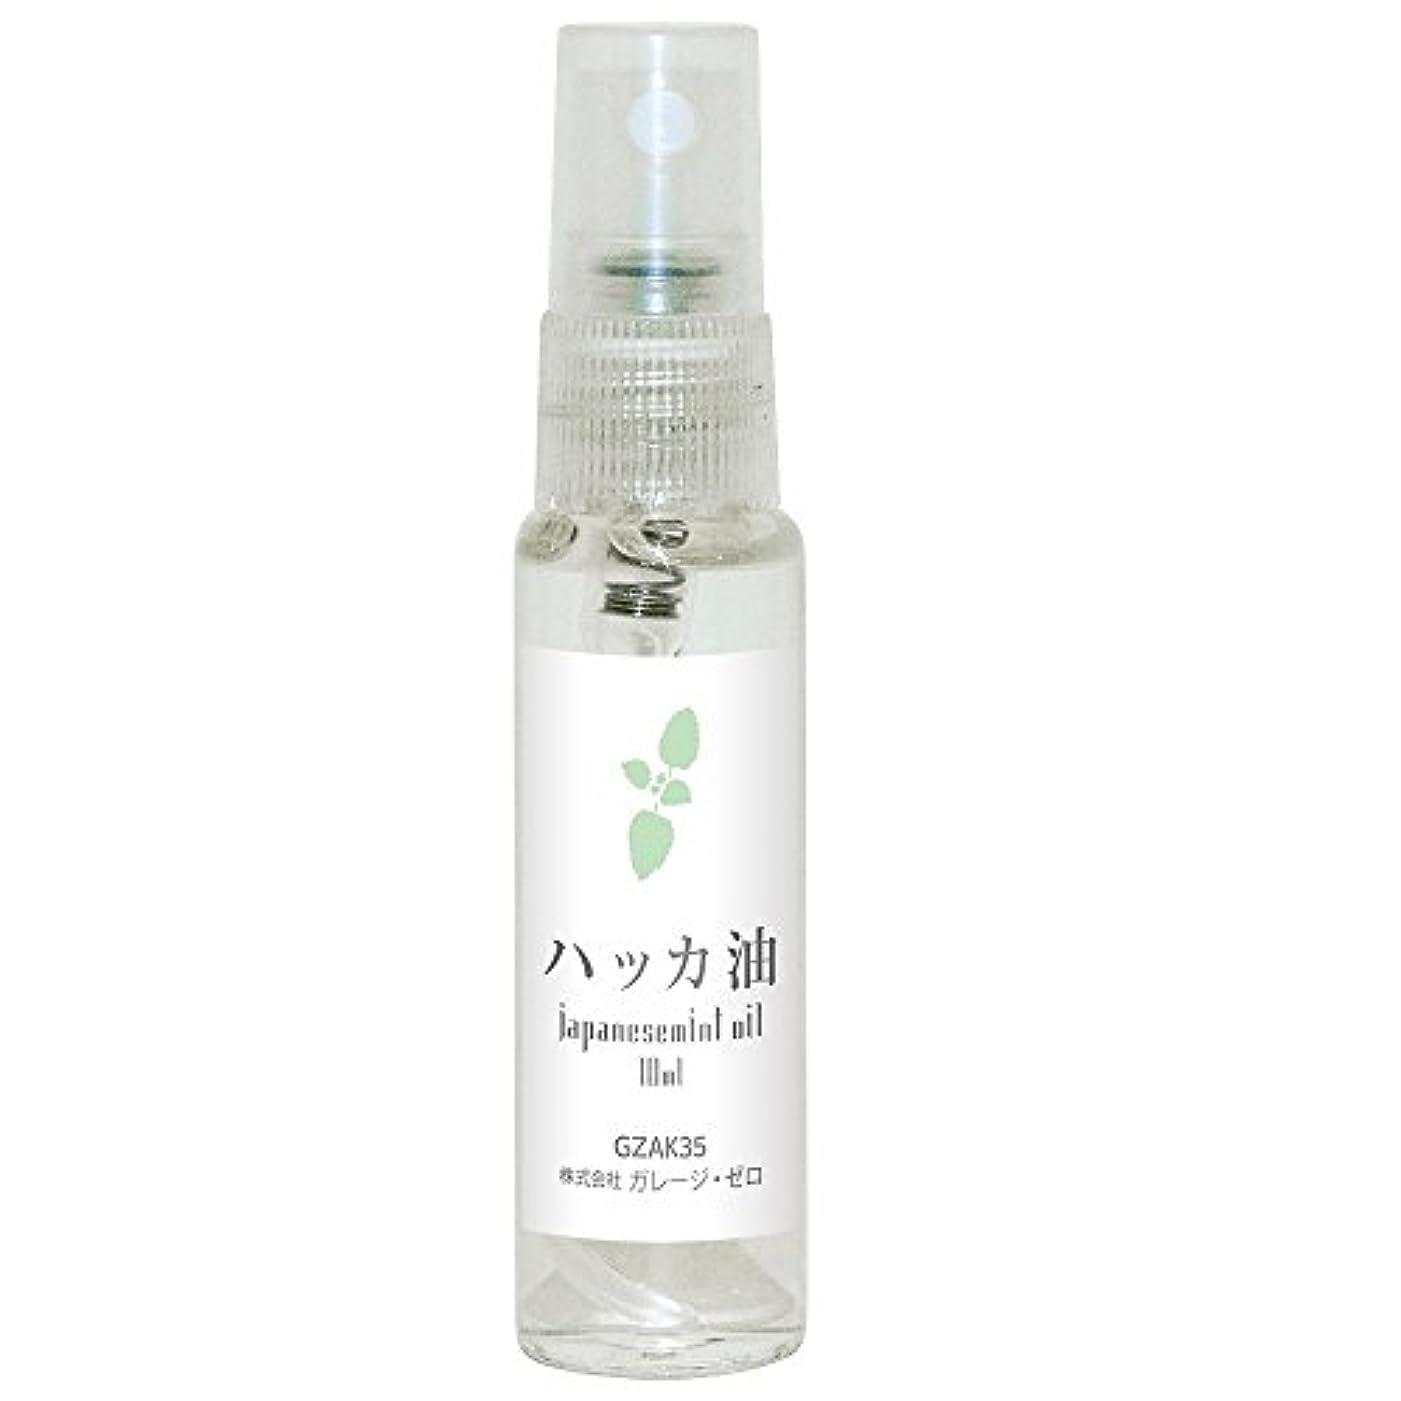 ダニ会話エントリガレージゼロ ハッカ油 透明スプレー瓶入10ml GZAK35